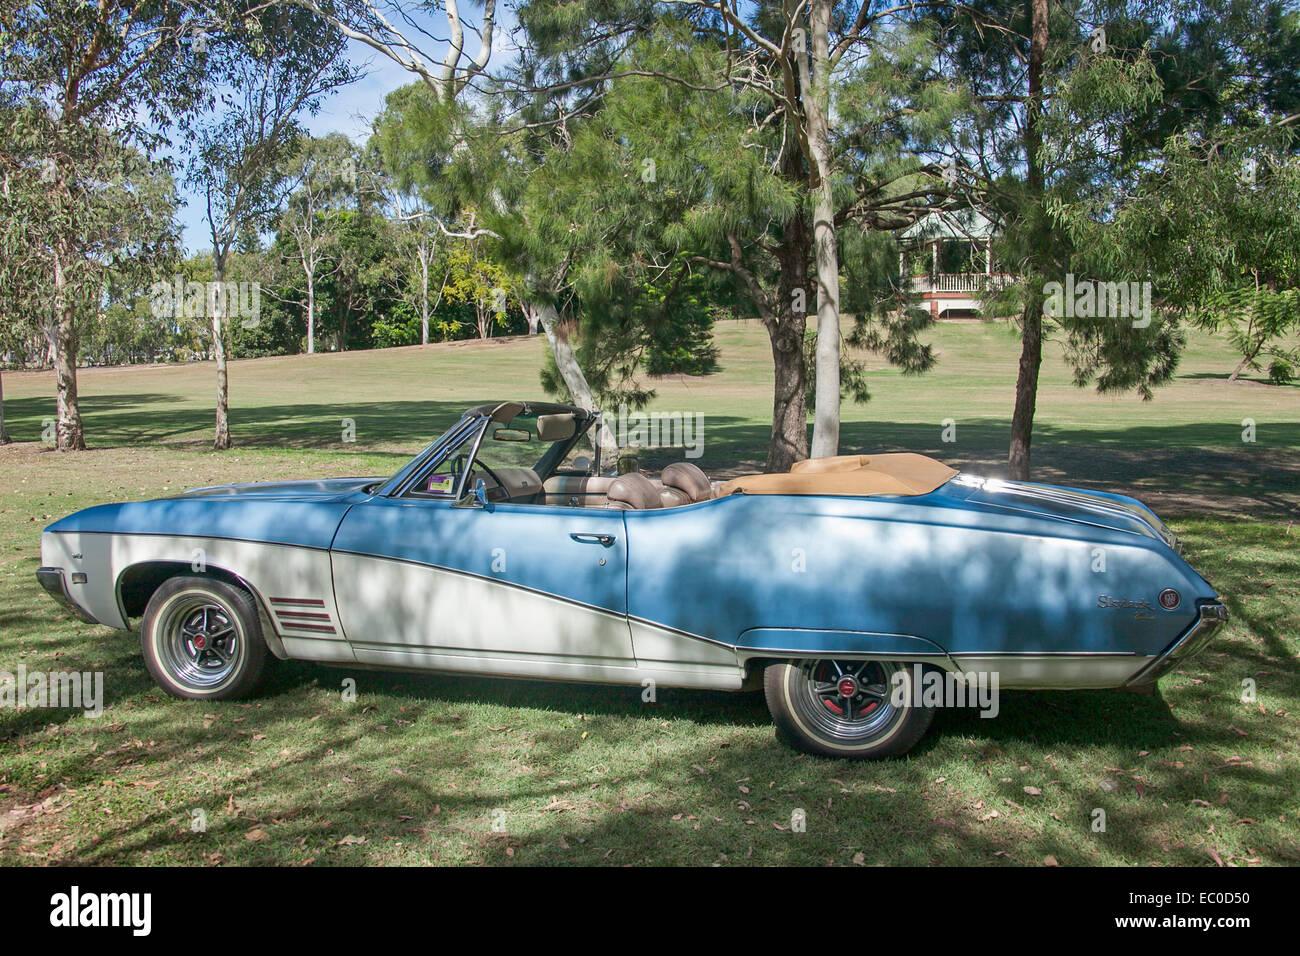 1968 buick electra 225 2 door hardtop front 3 4 81136 - Classic American Car Blue White Convertible 2 Door Buick